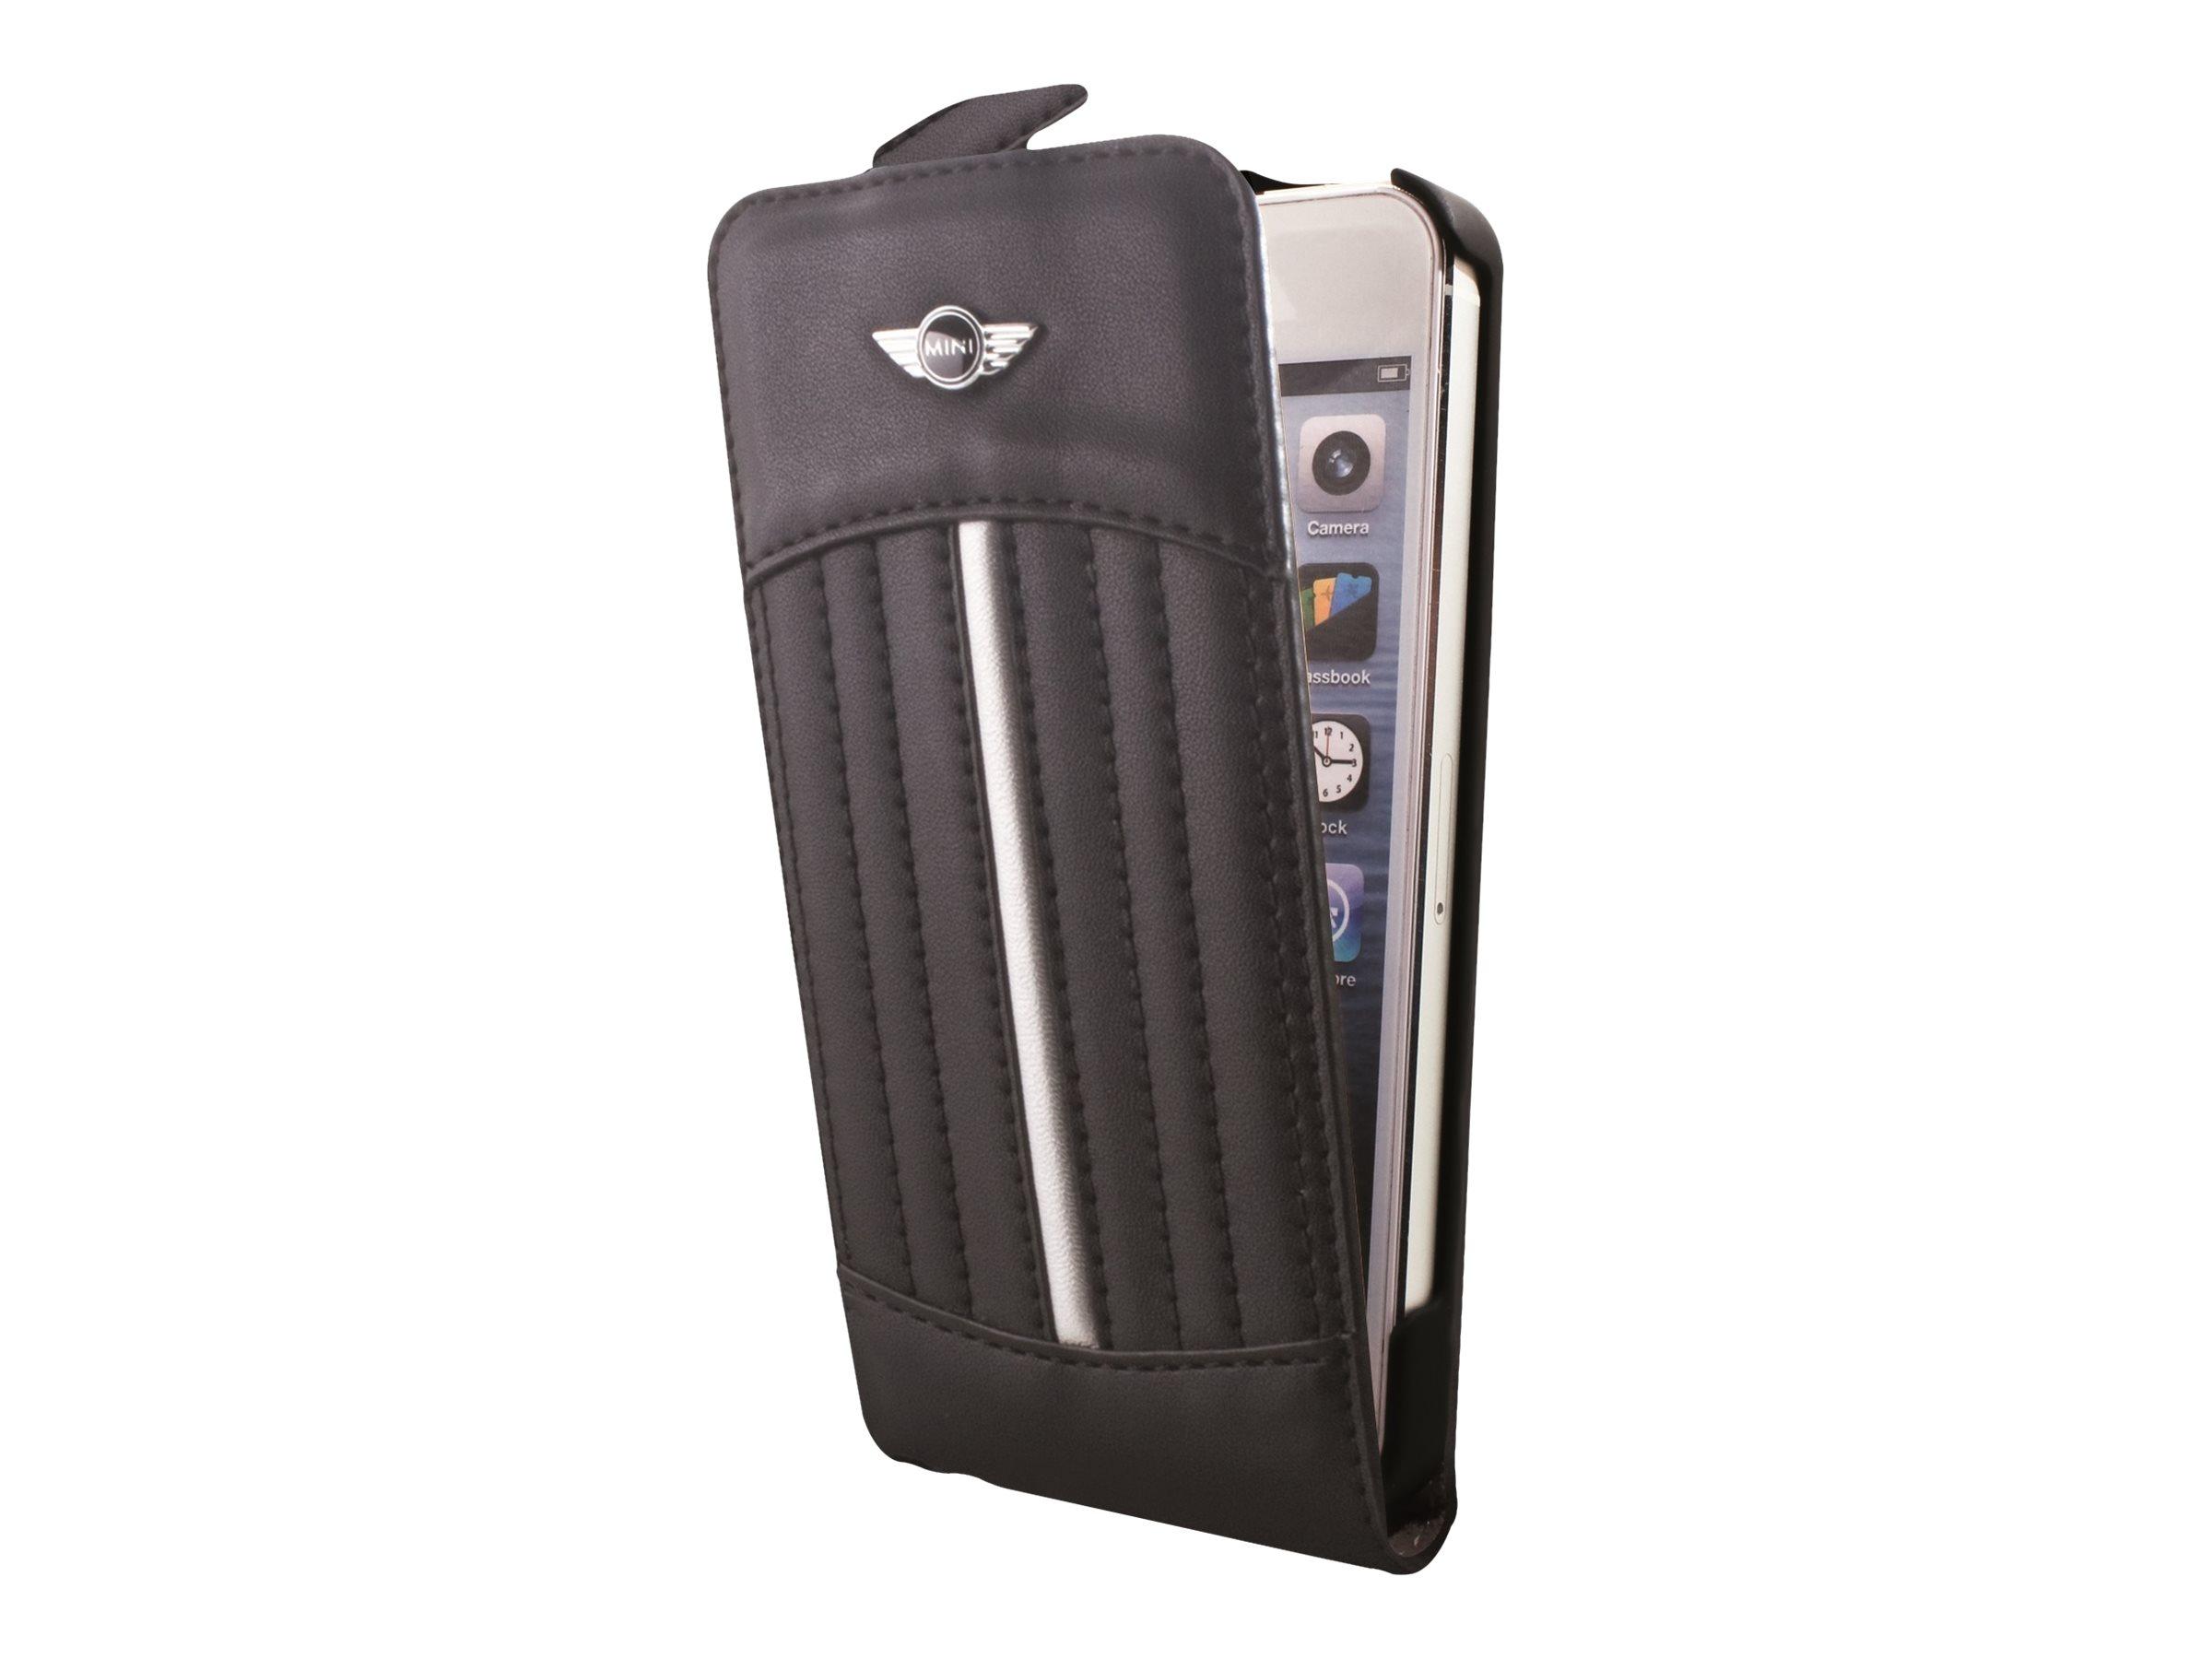 MINI Slim Sports Seat protection à rabat pour téléphone portable